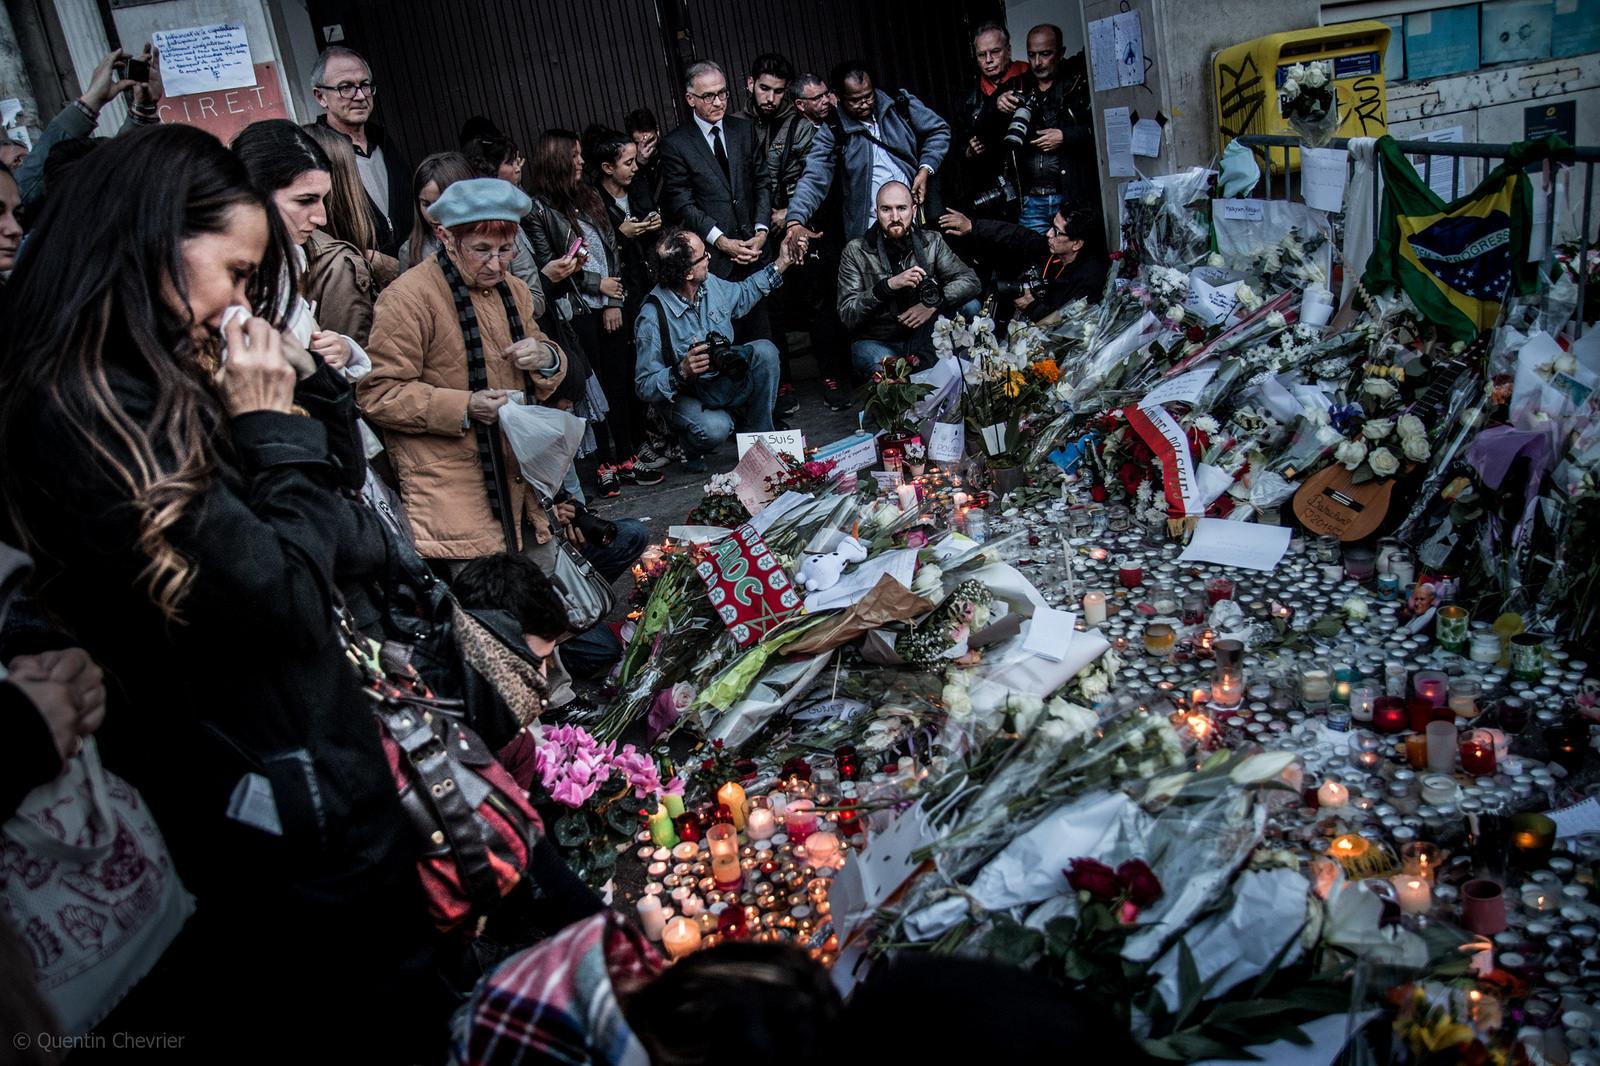 Utenfor konsertlokalet Bataclan i Paris 15. november 2015. 13. november drepte terrorister 89 mennesker i Bataclan.